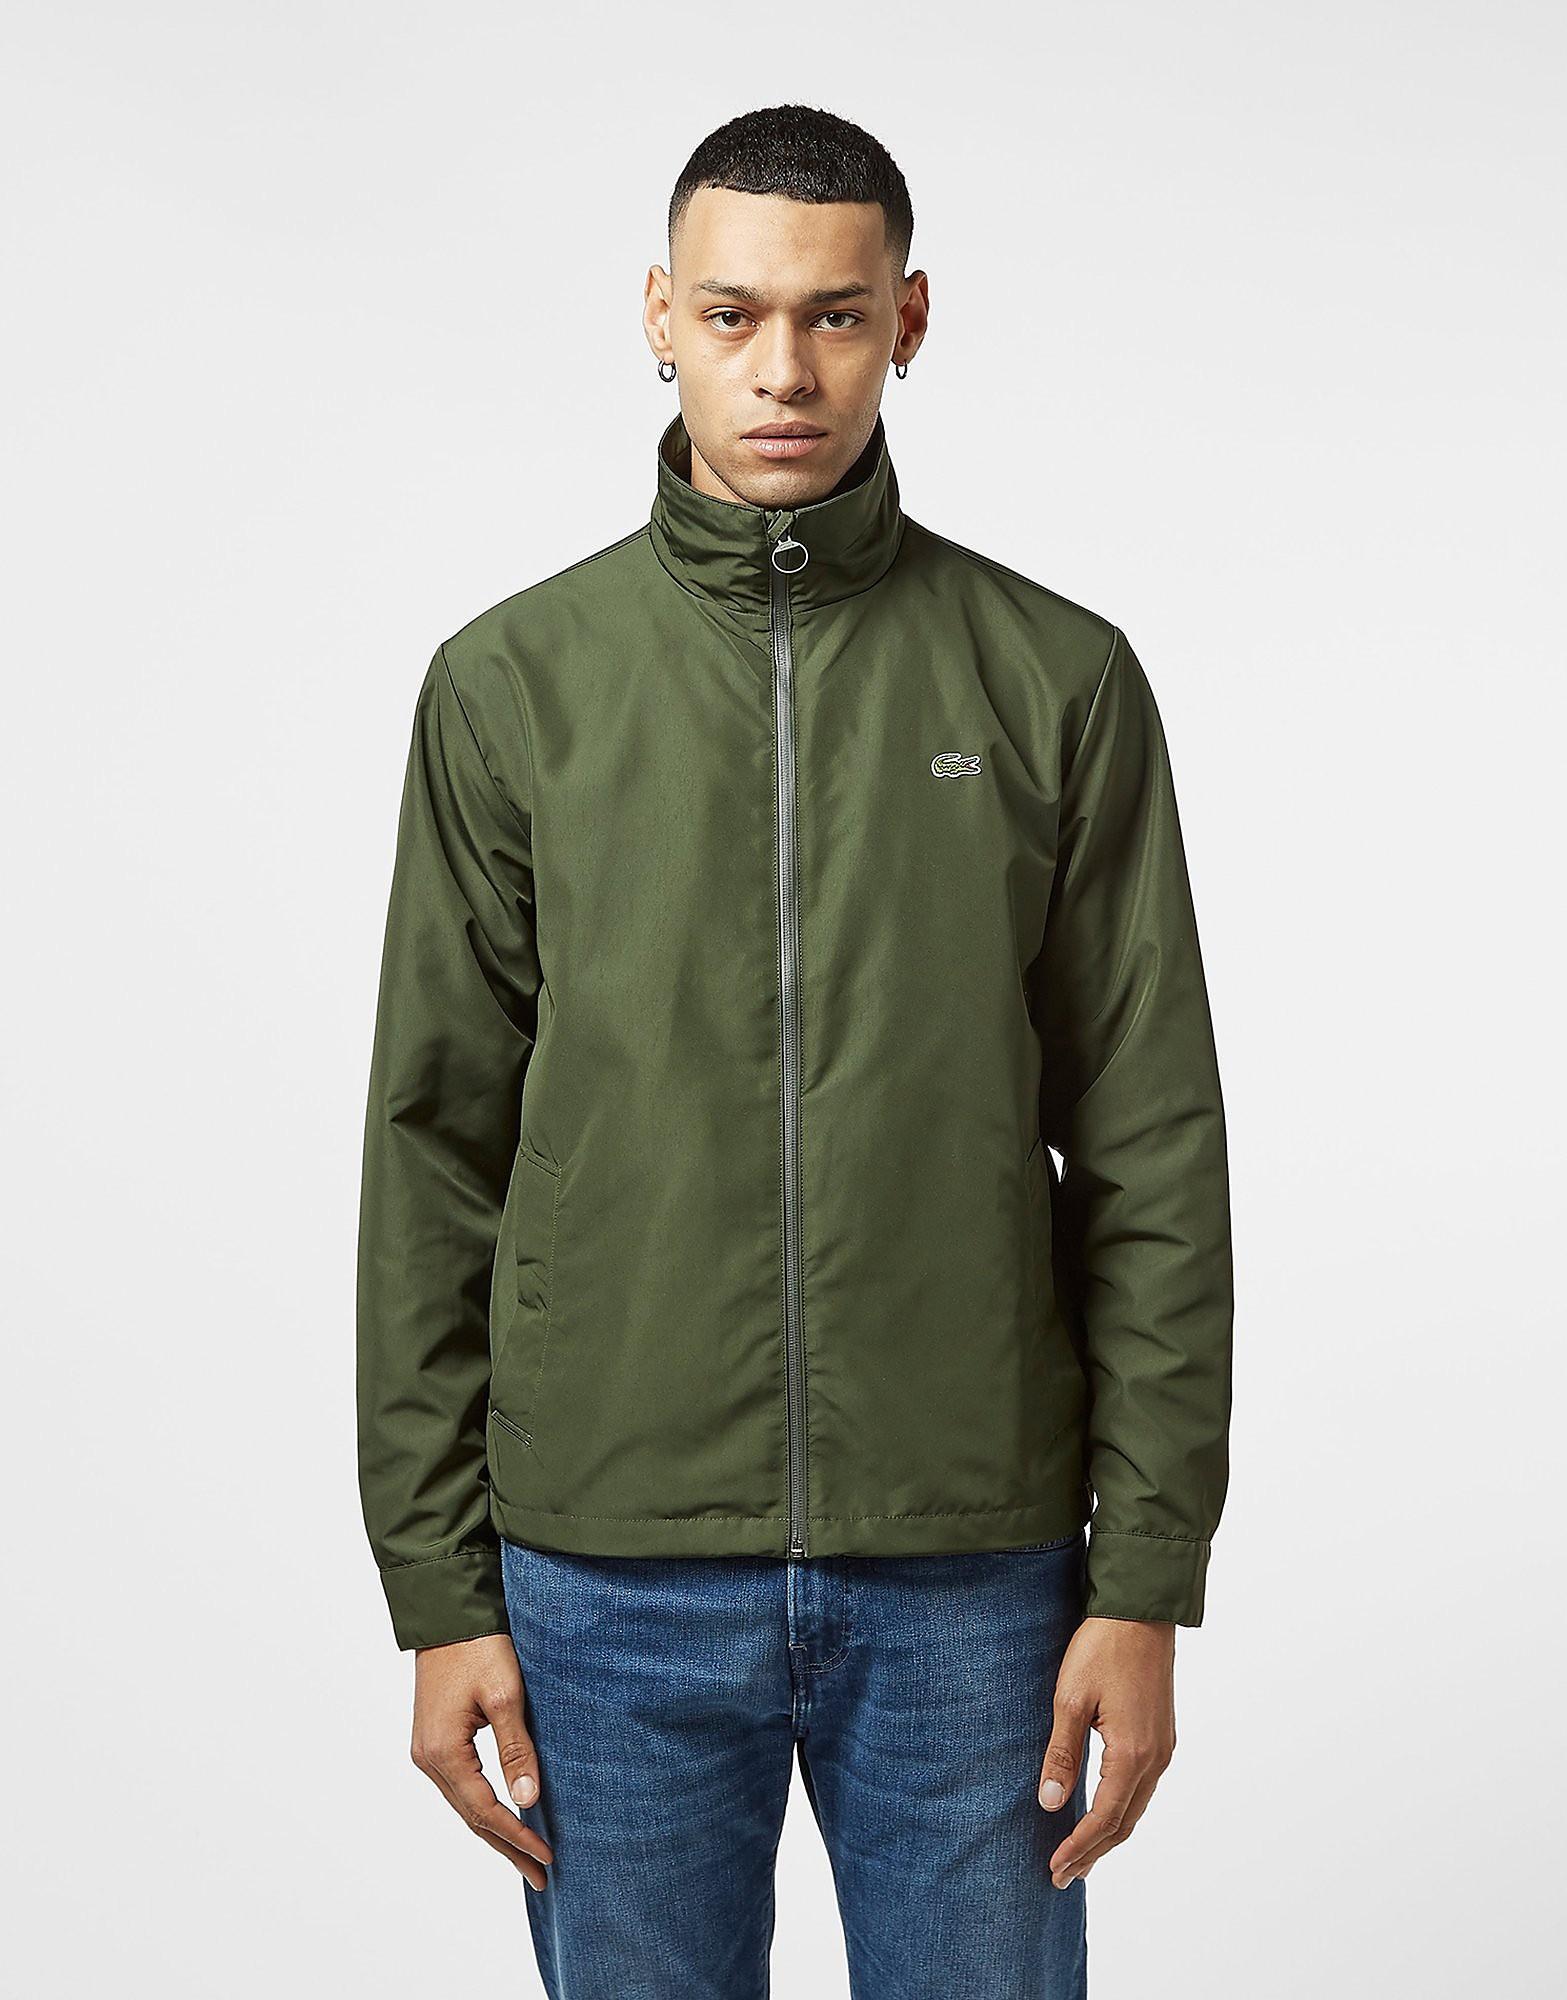 Lacoste Lightweight Blouson Jacket